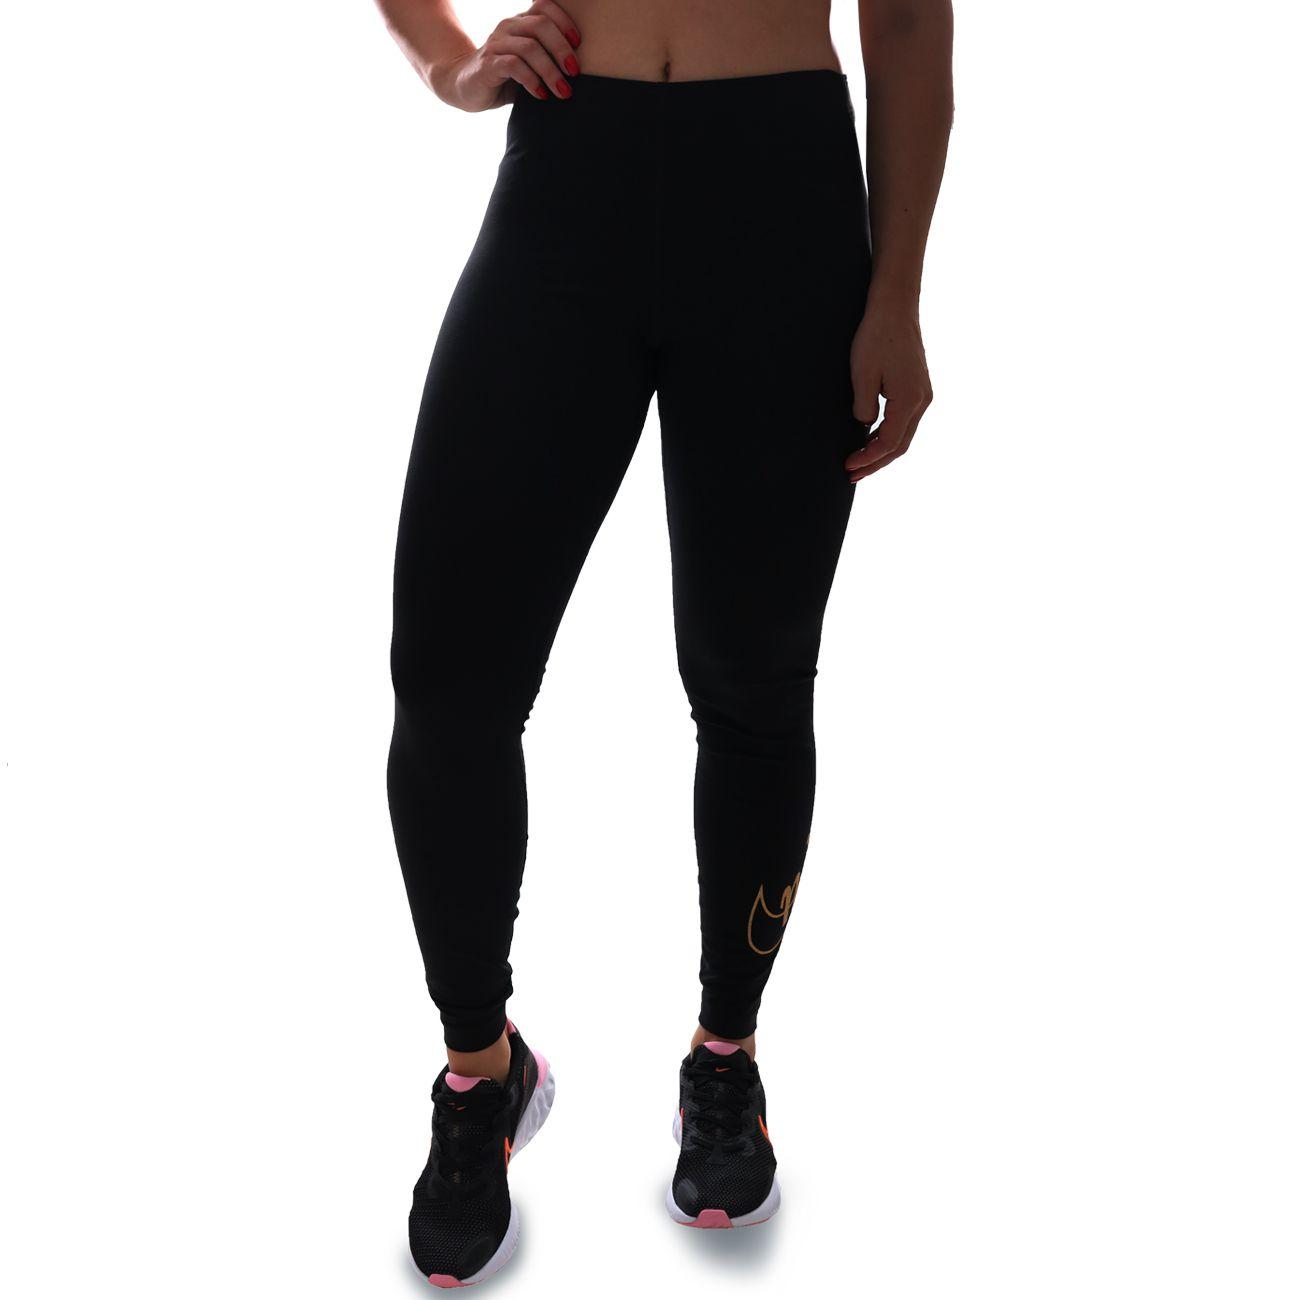 Calça Legging Nike Glitter Preto E Dourado